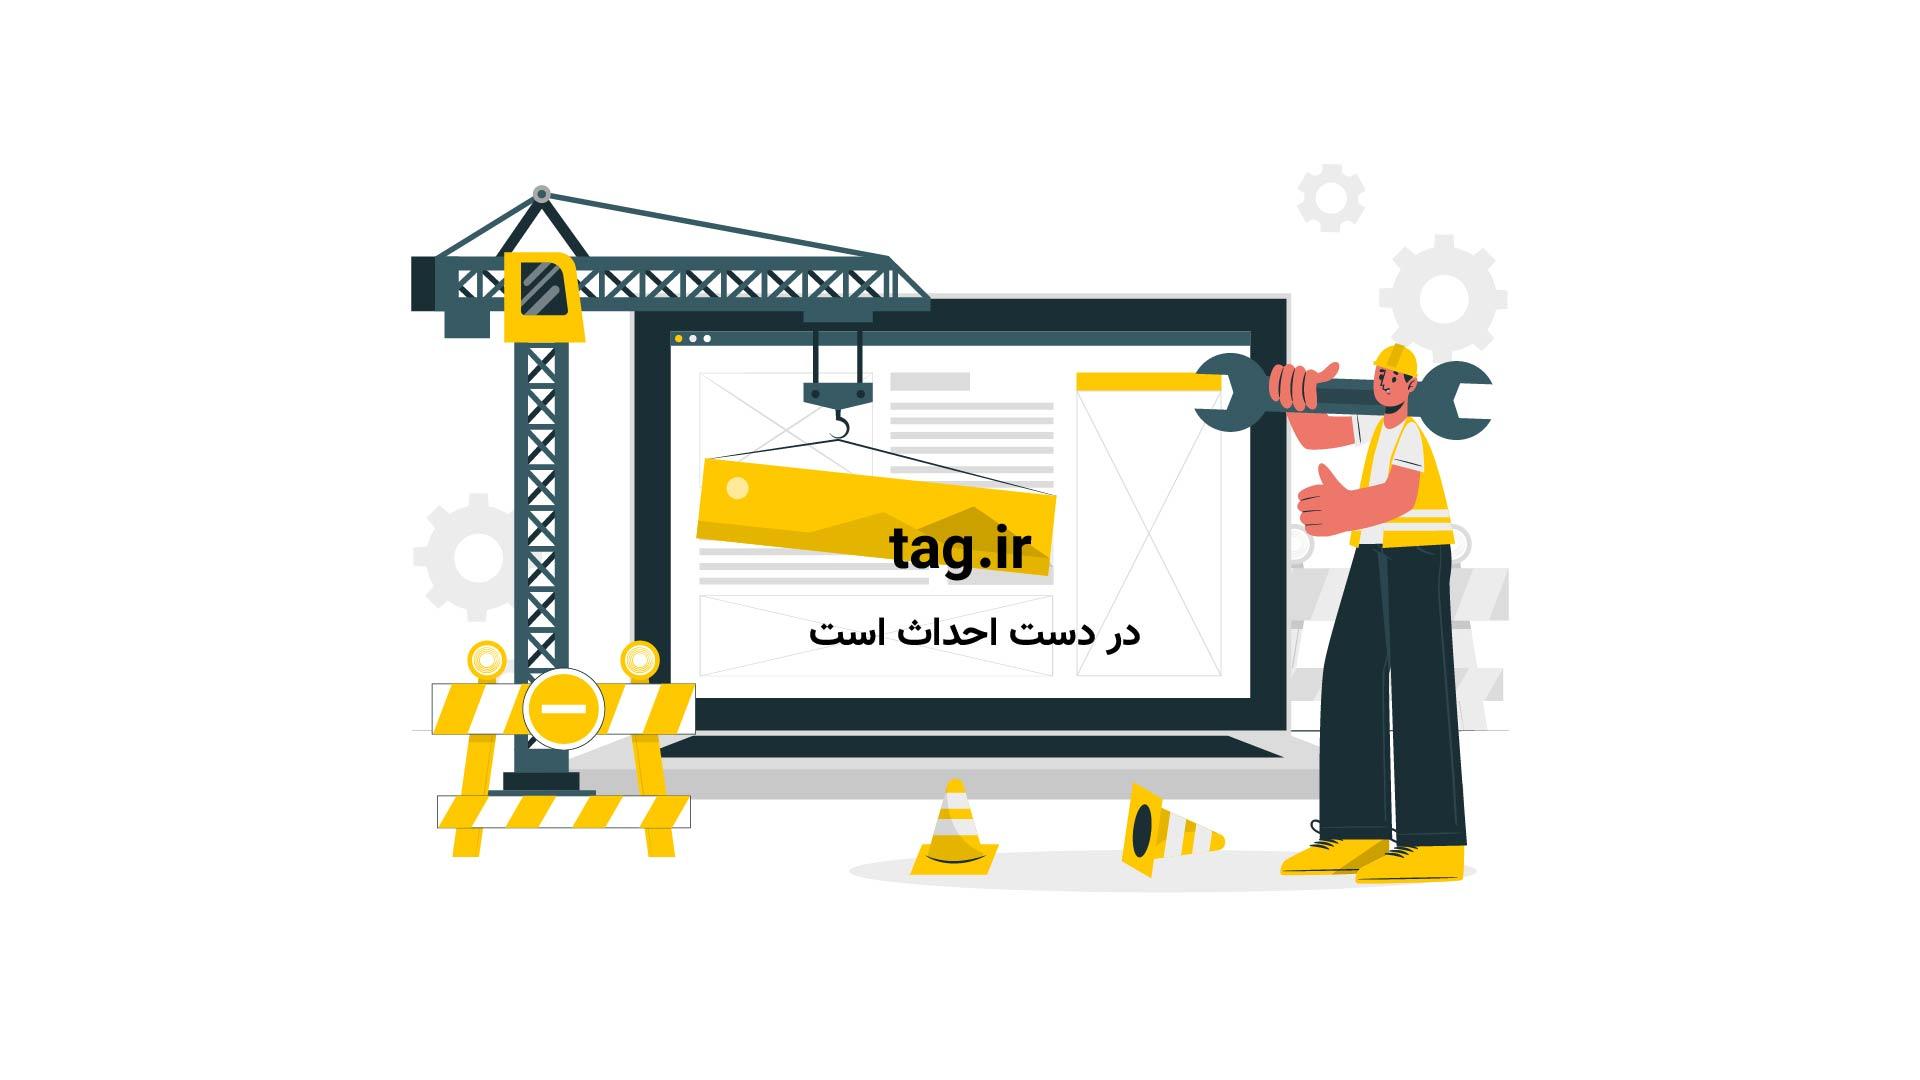 محمد جواد رضایی | تگ